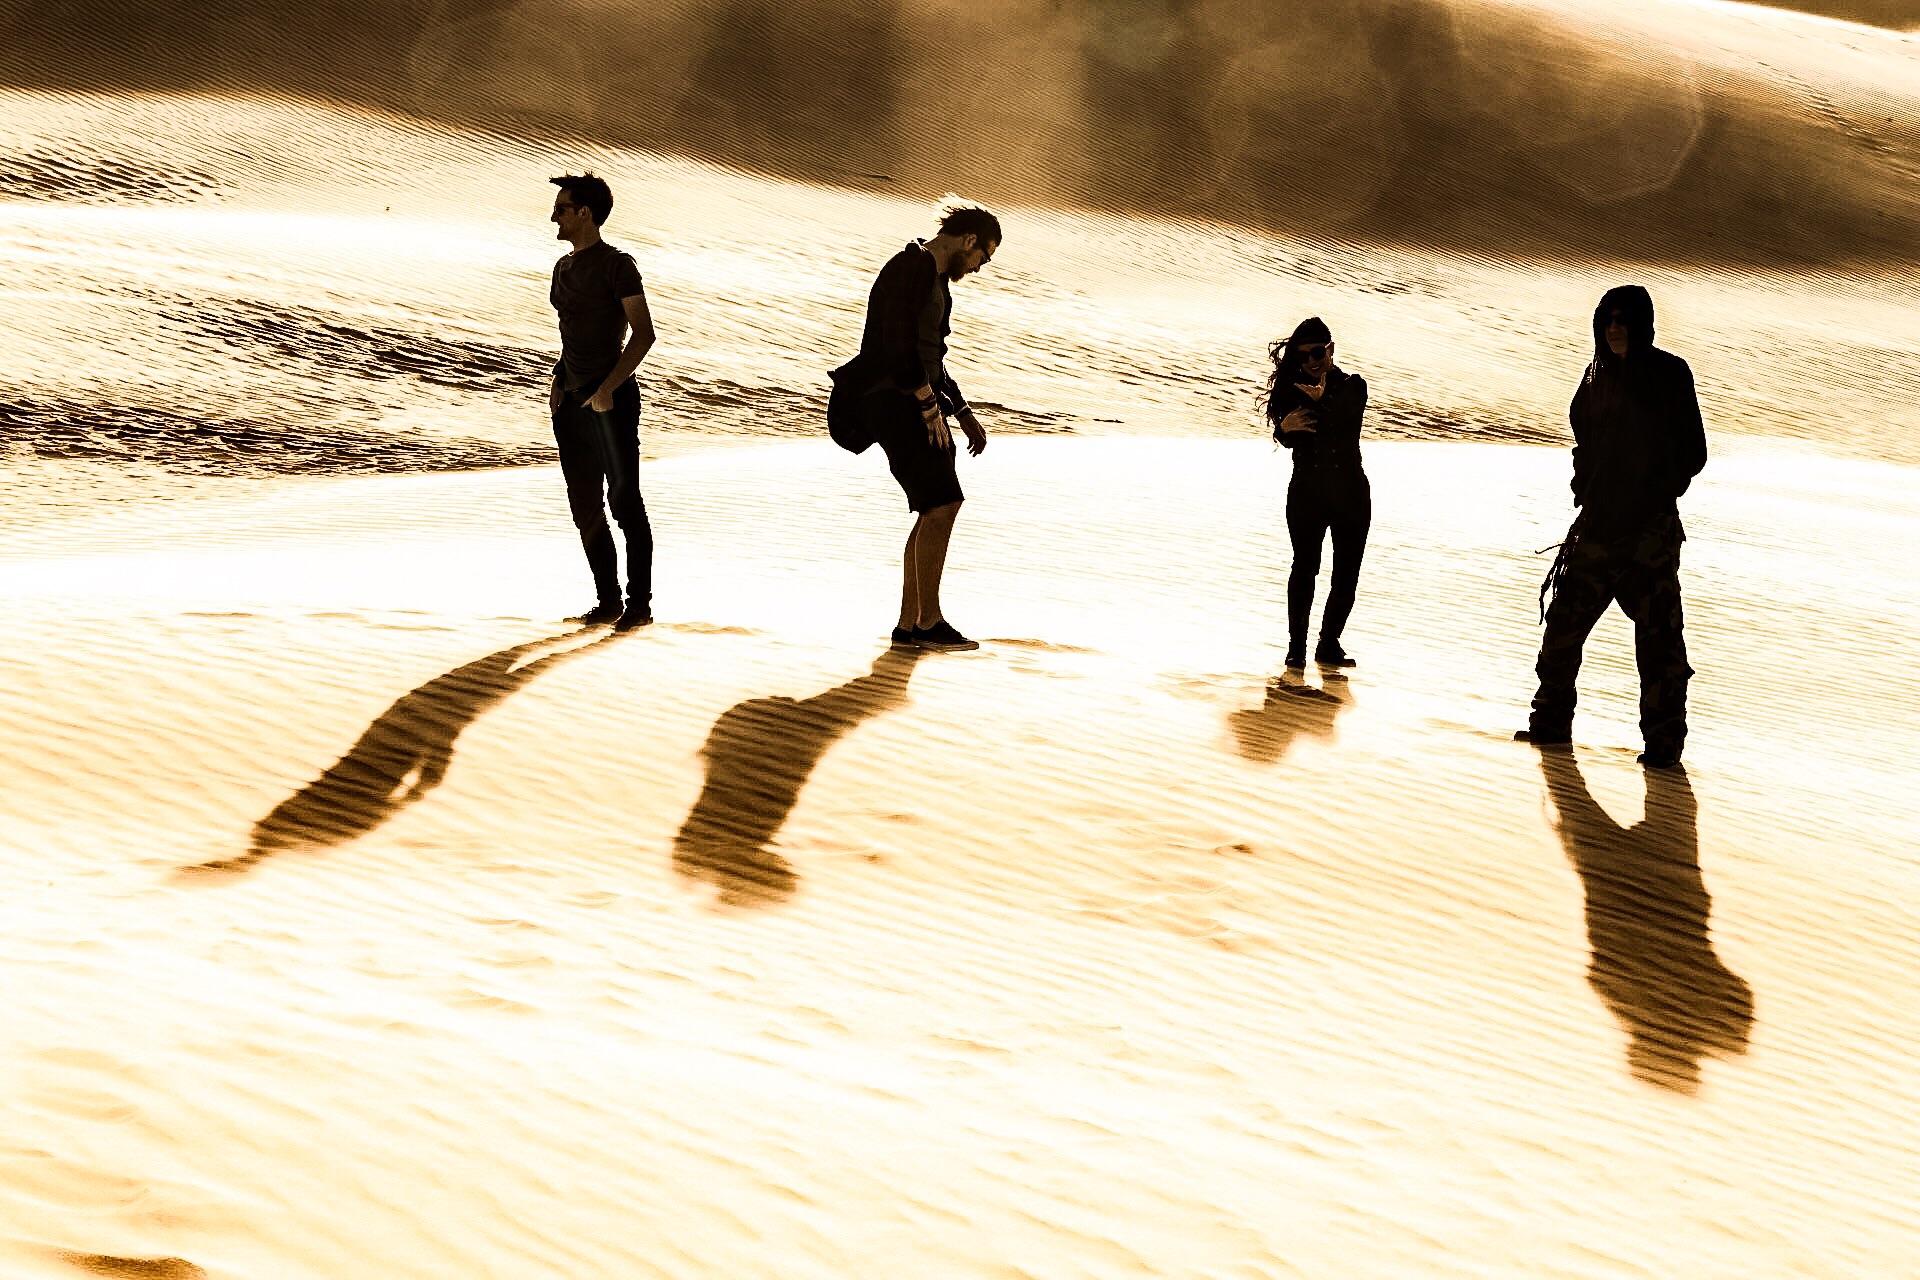 Imperial sand dunes in Arizona  Photo credit: Max Sequeira